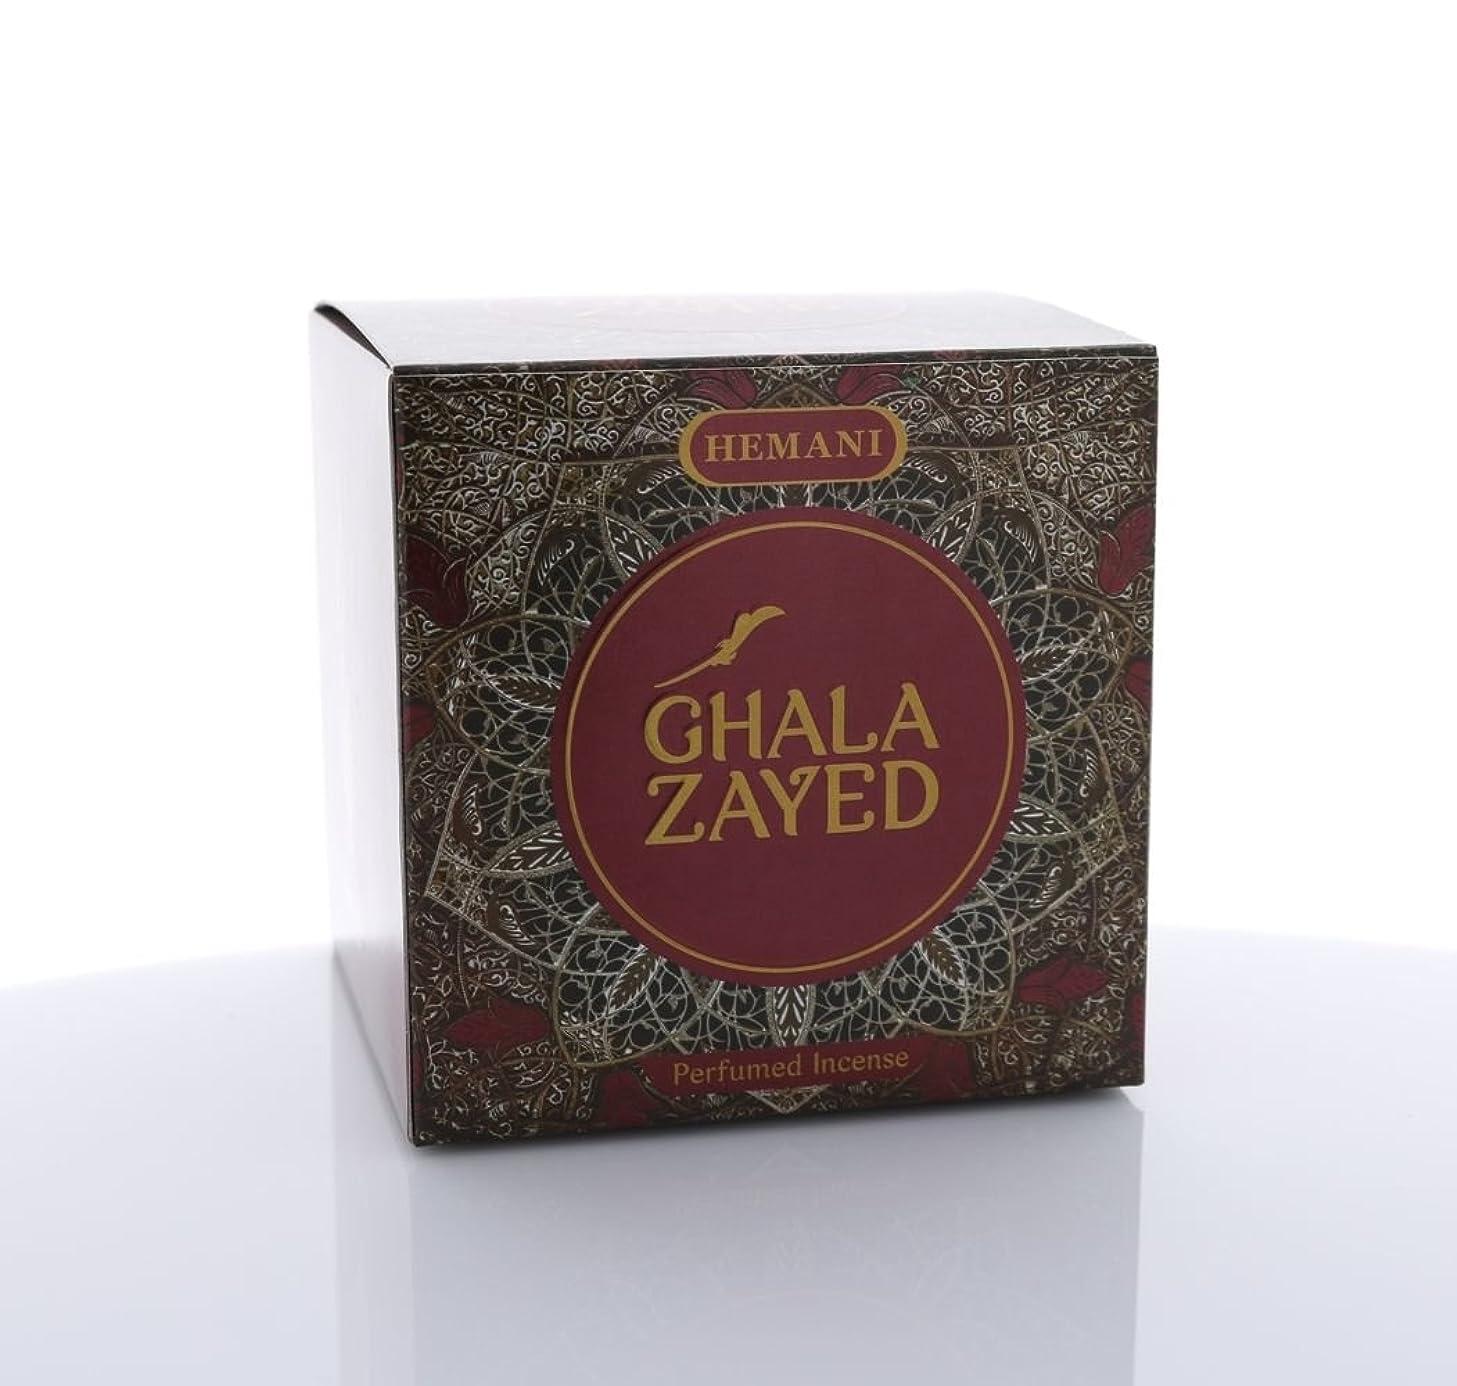 変形ベンチ喉頭Hemani Bakhoor Ghala Zayed ( Perfumed Incense ) 90?Gus Seller F / S